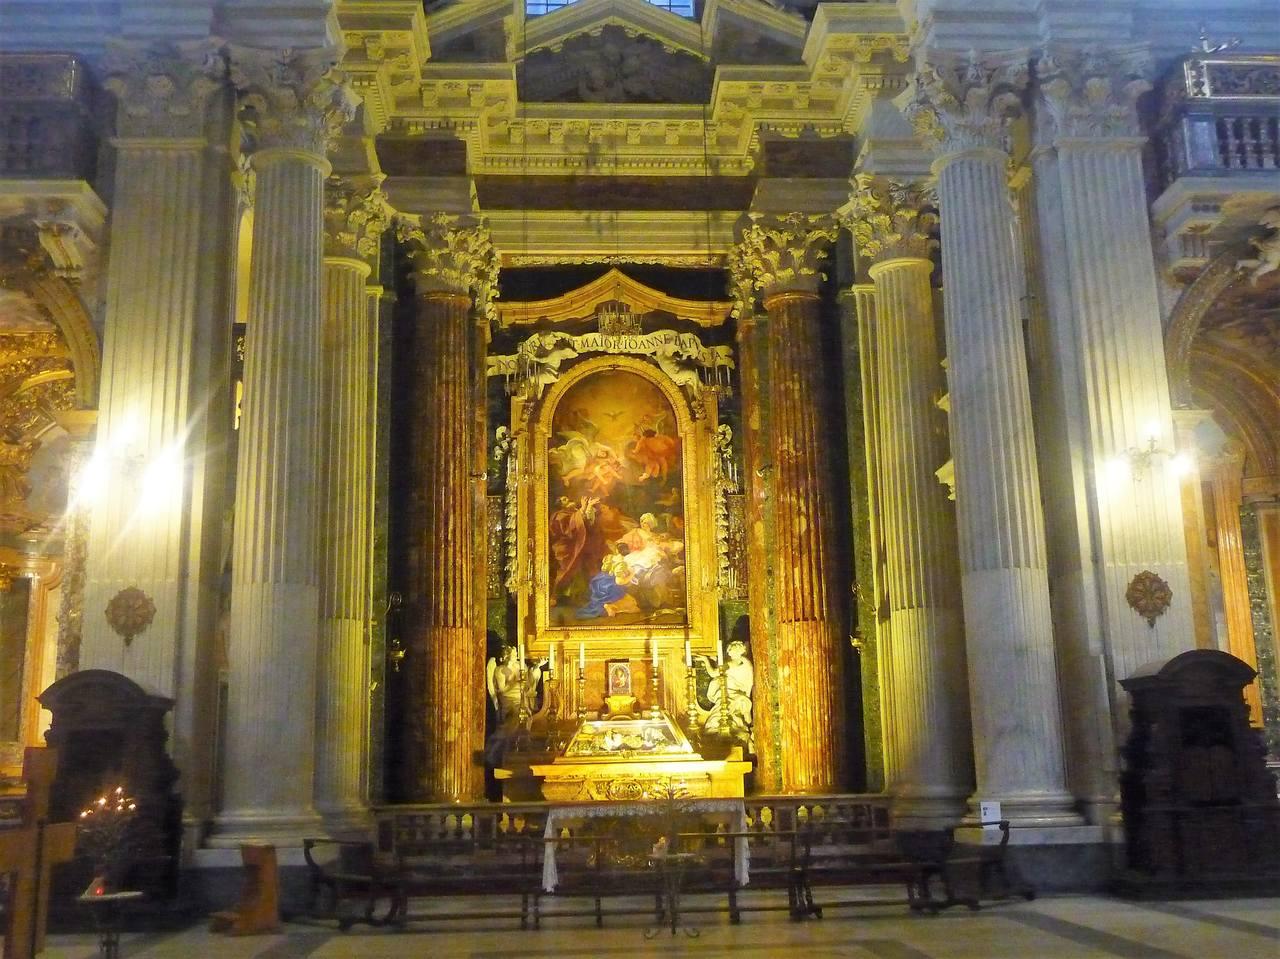 Chiesa S. Maria in Campitelli (17)